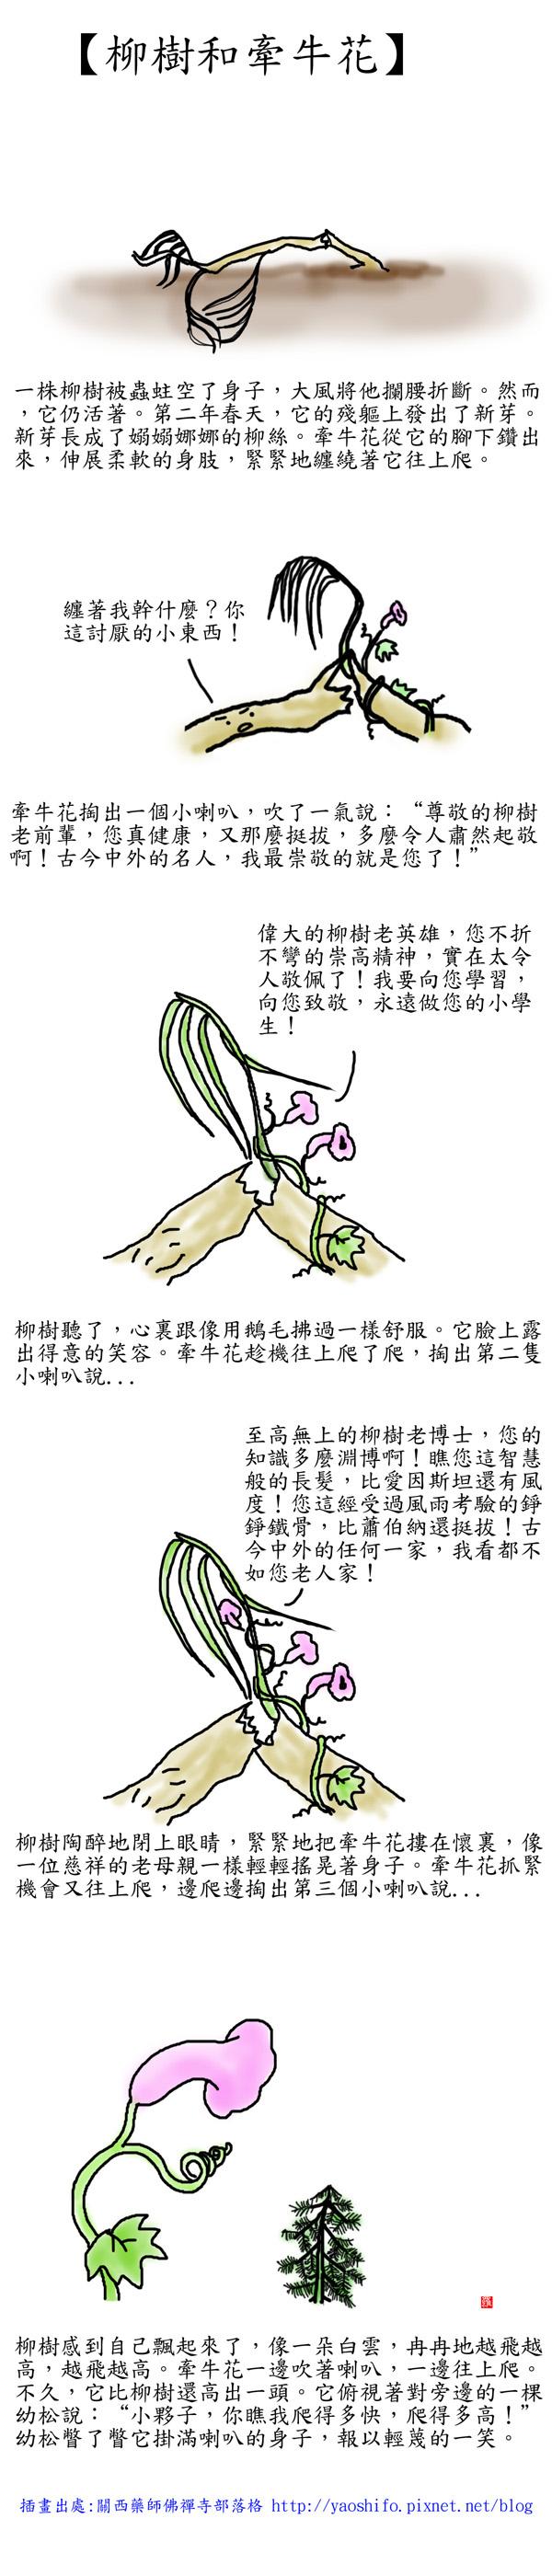 柳樹和牽牛花